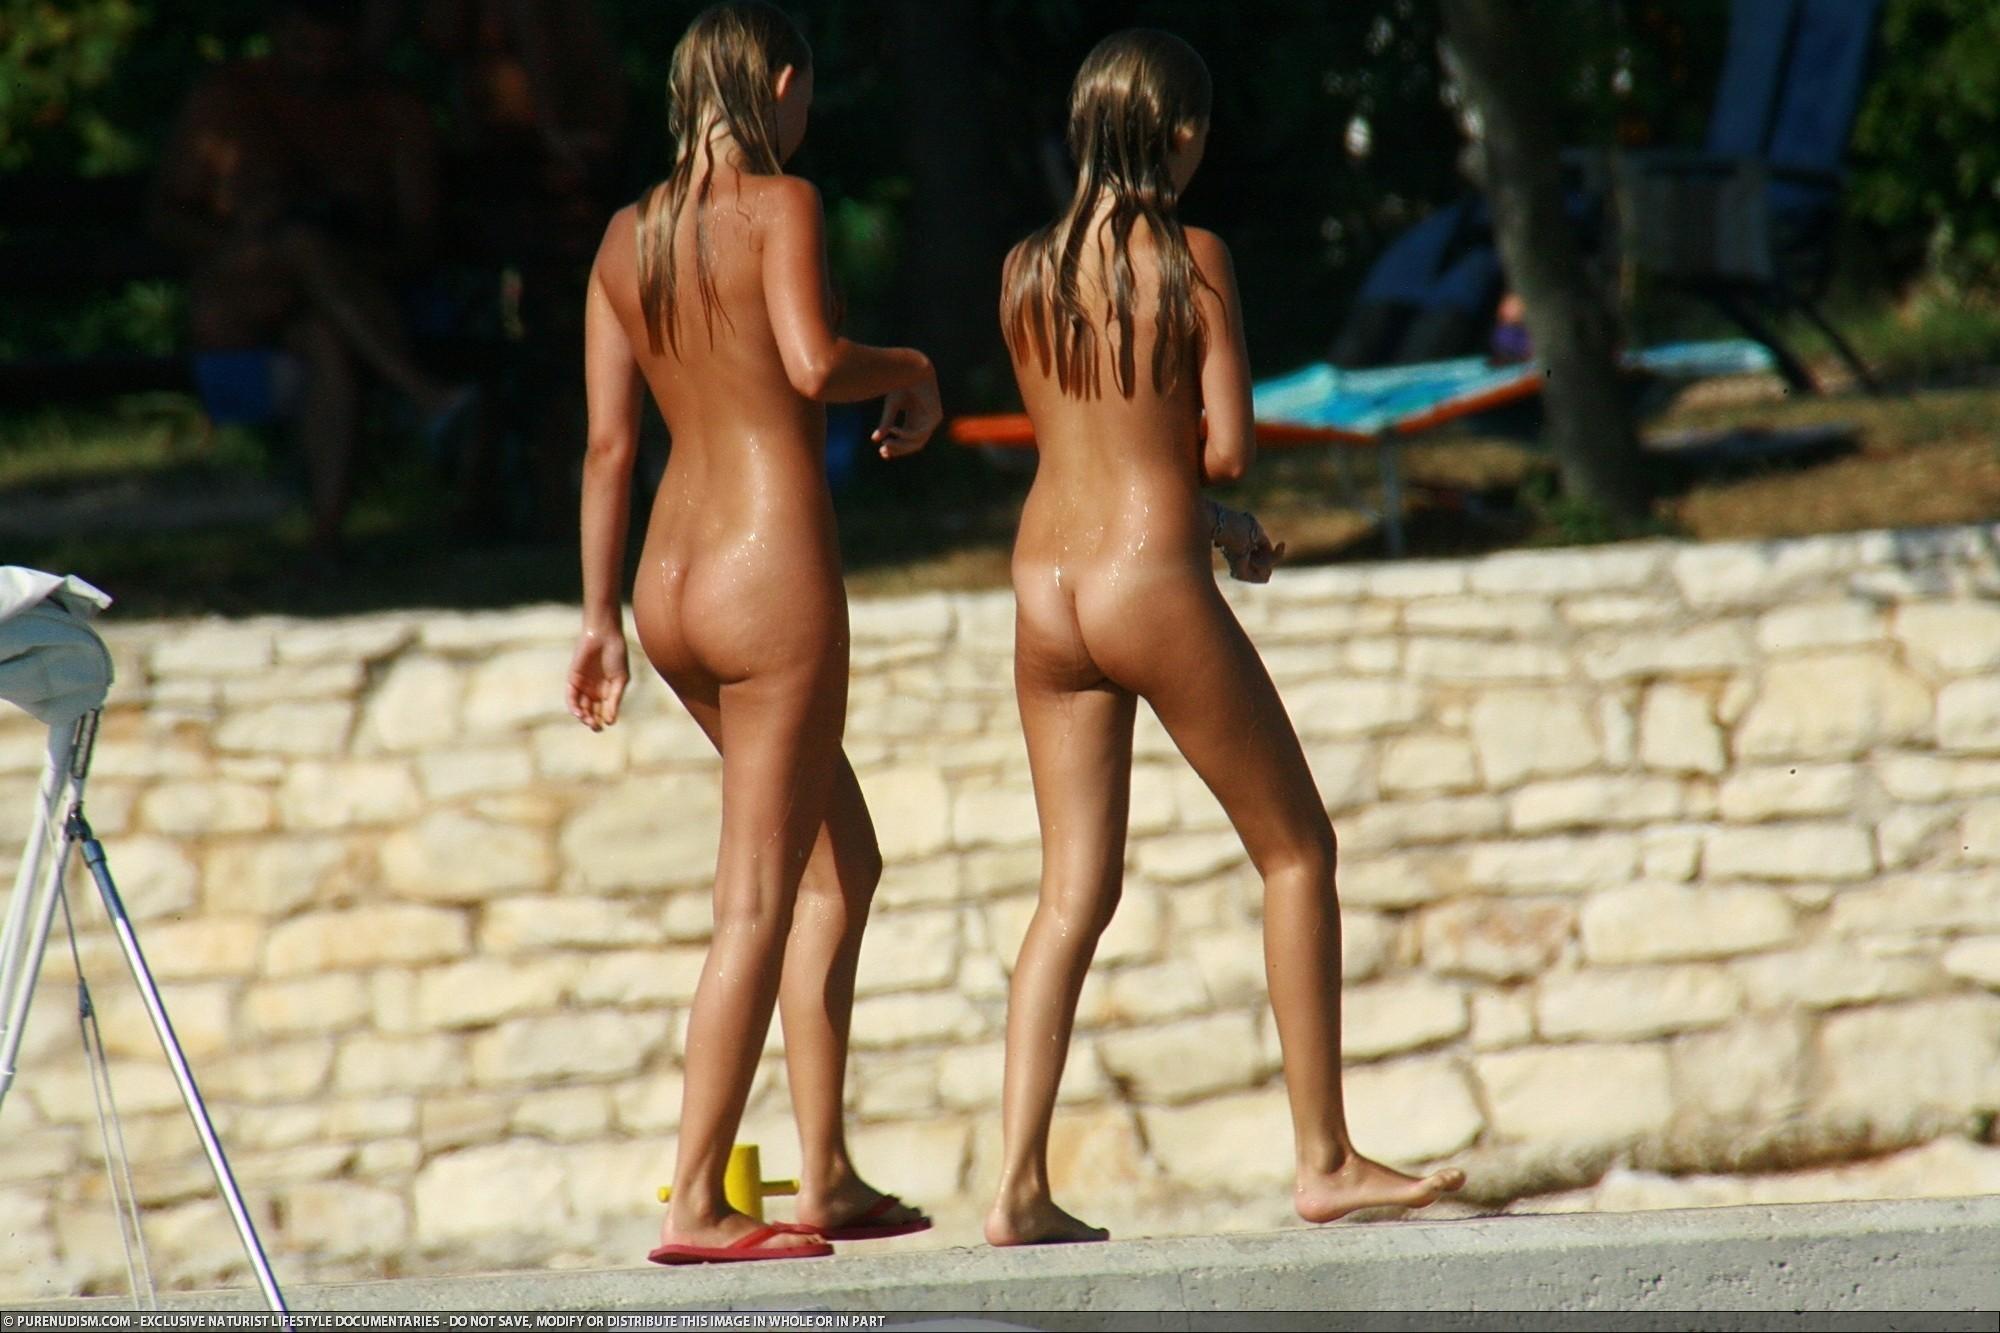 Совершенно голые девушки плавают в общественном бассейне